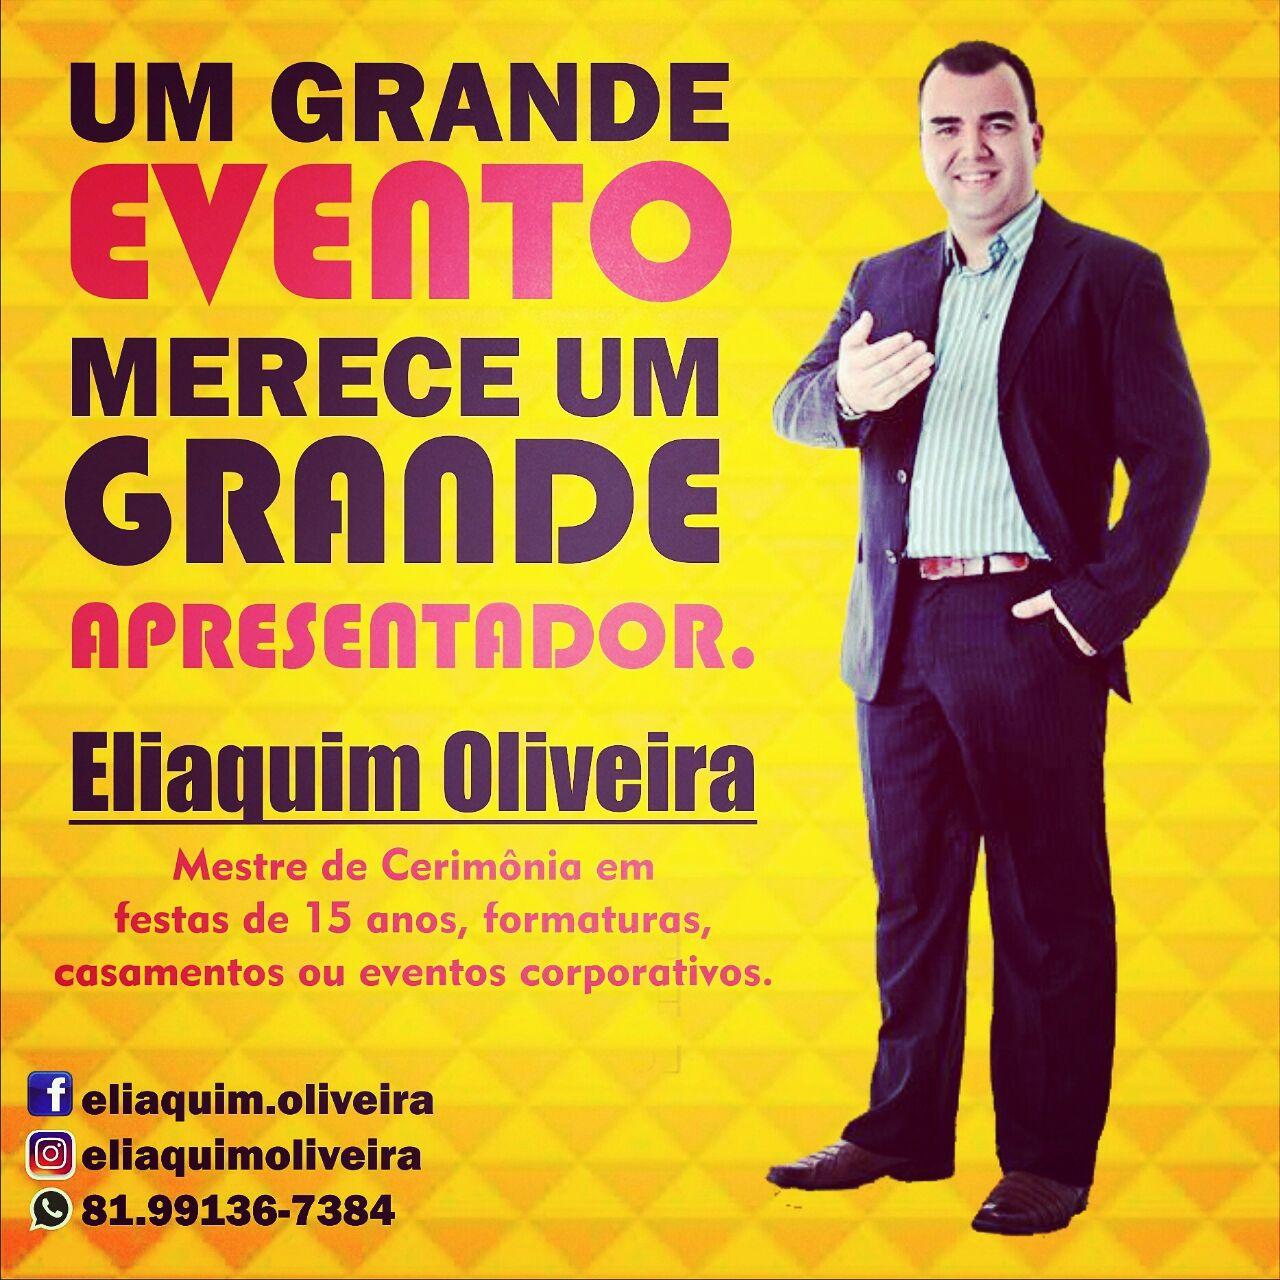 ELIAQUIM OLIVEIRA